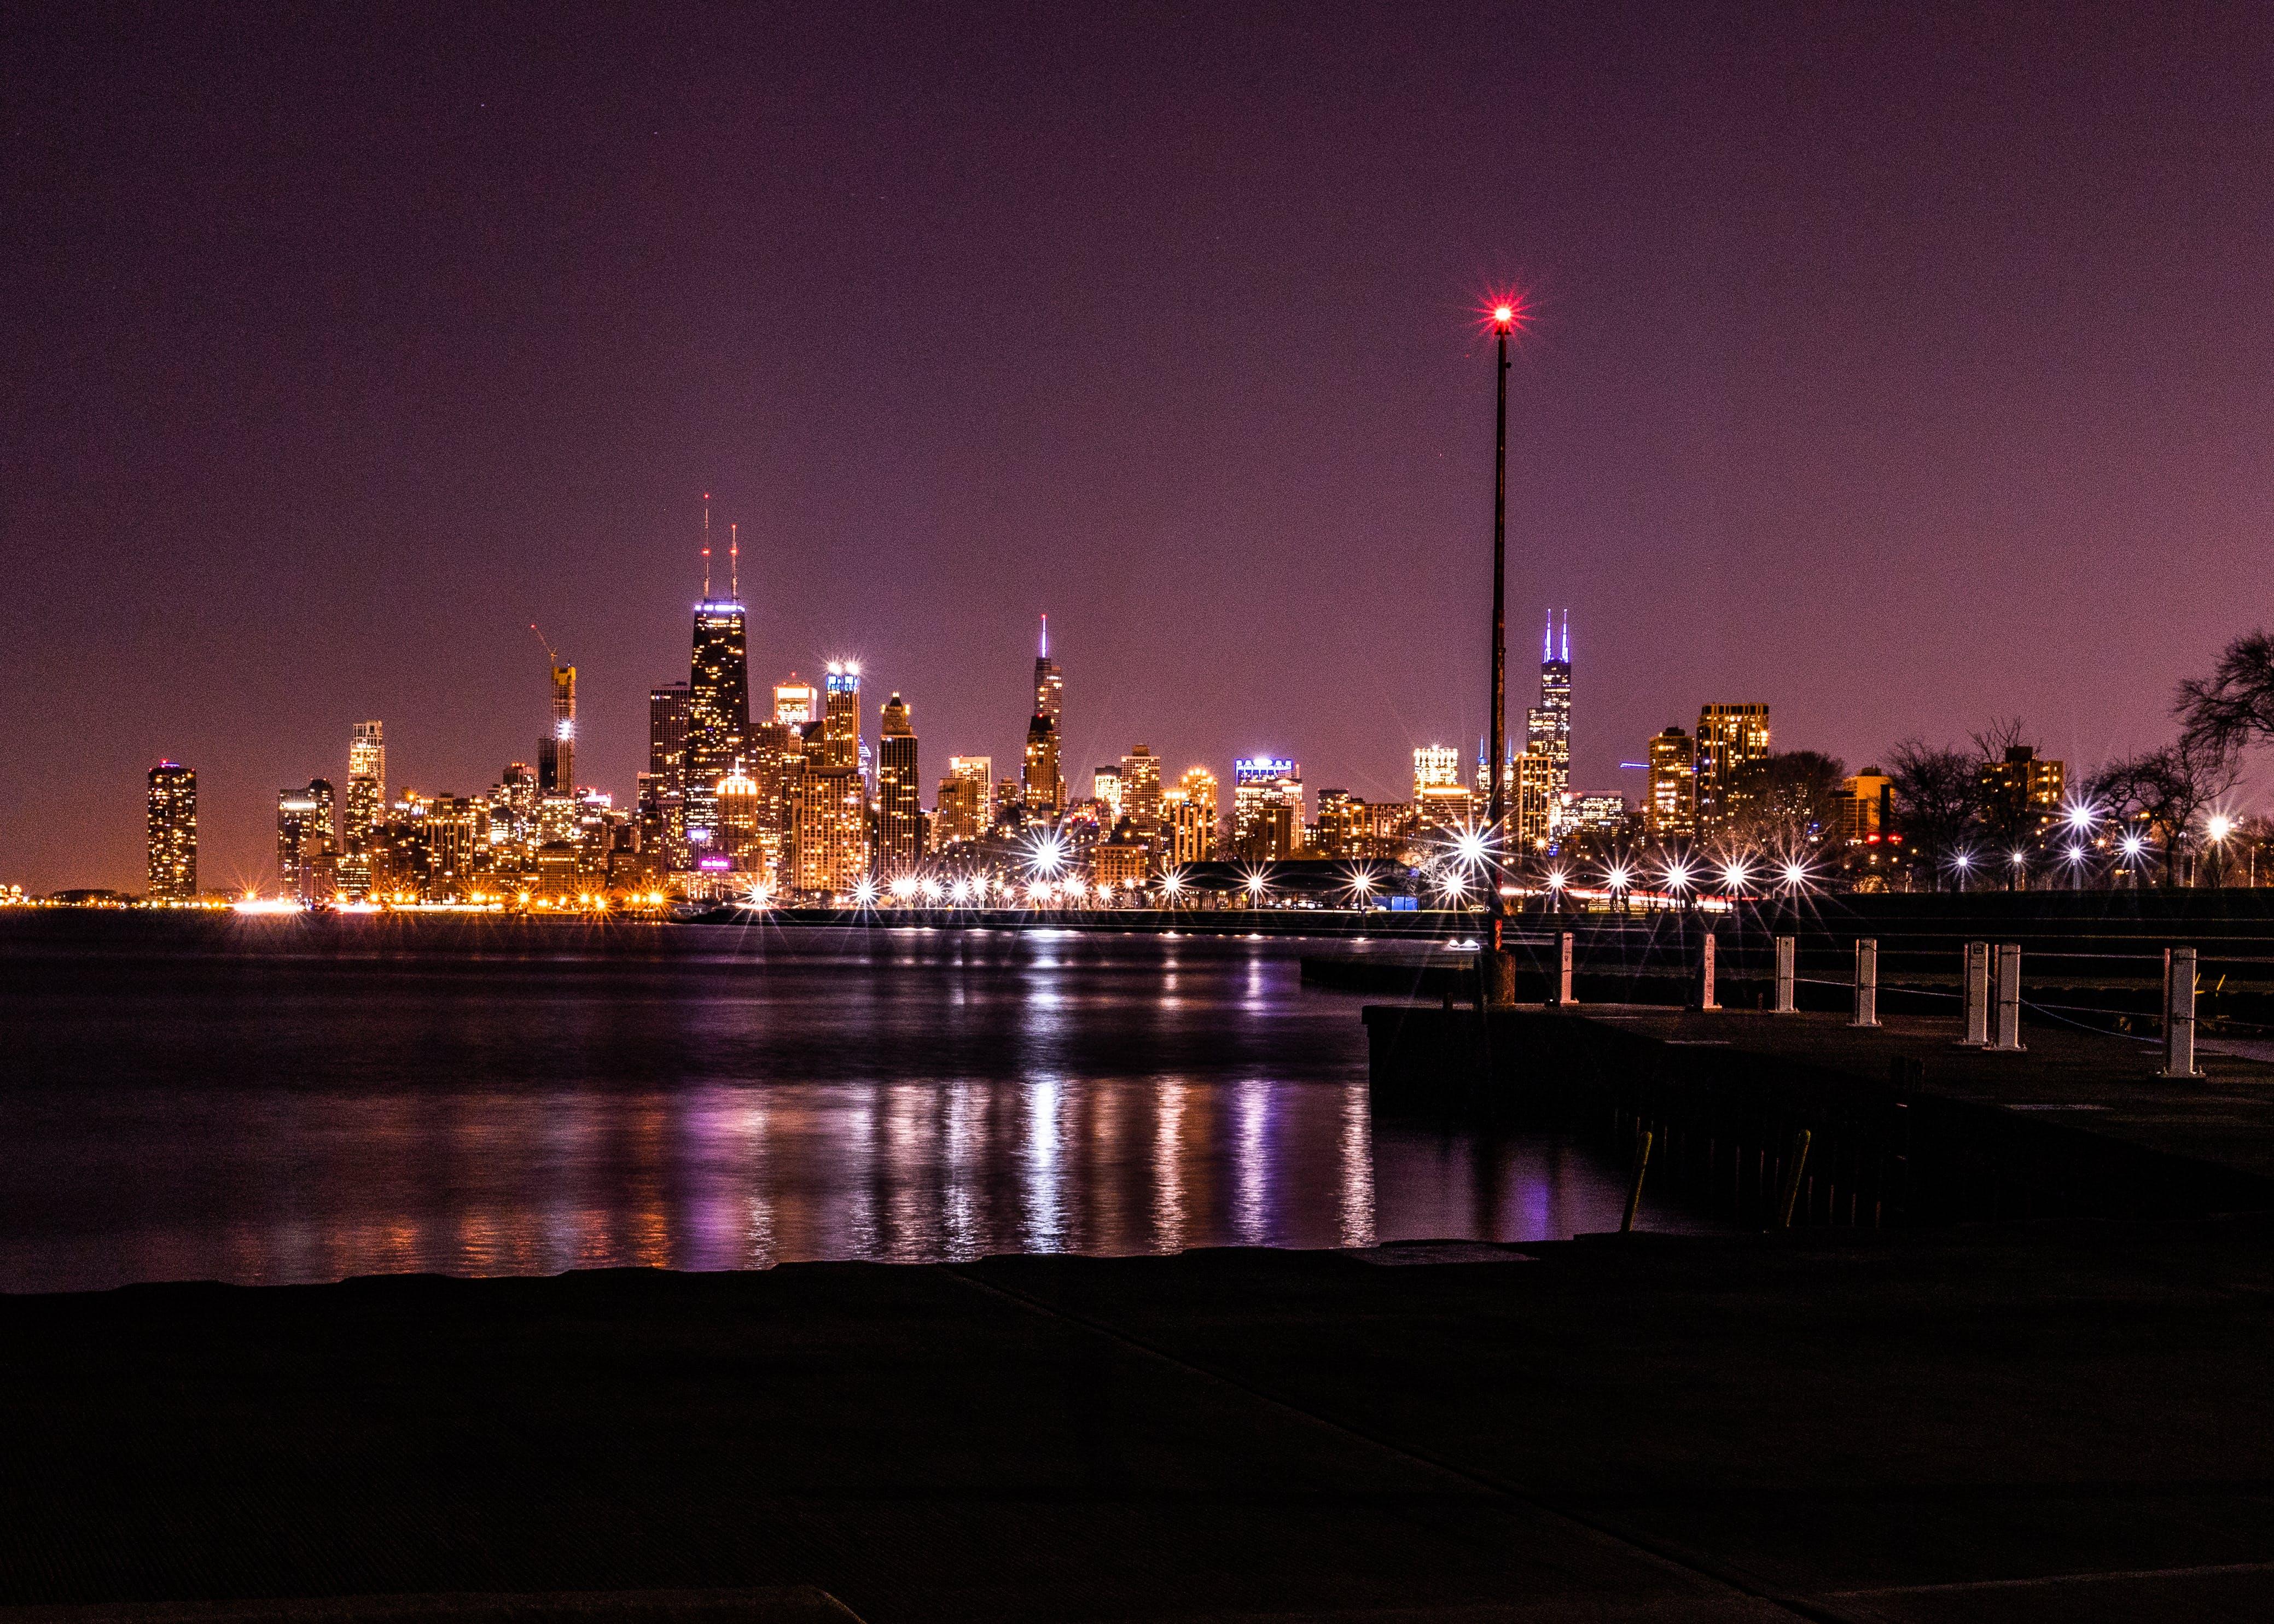 Gratis stockfoto met 's nachts, architectuur, avond, belicht